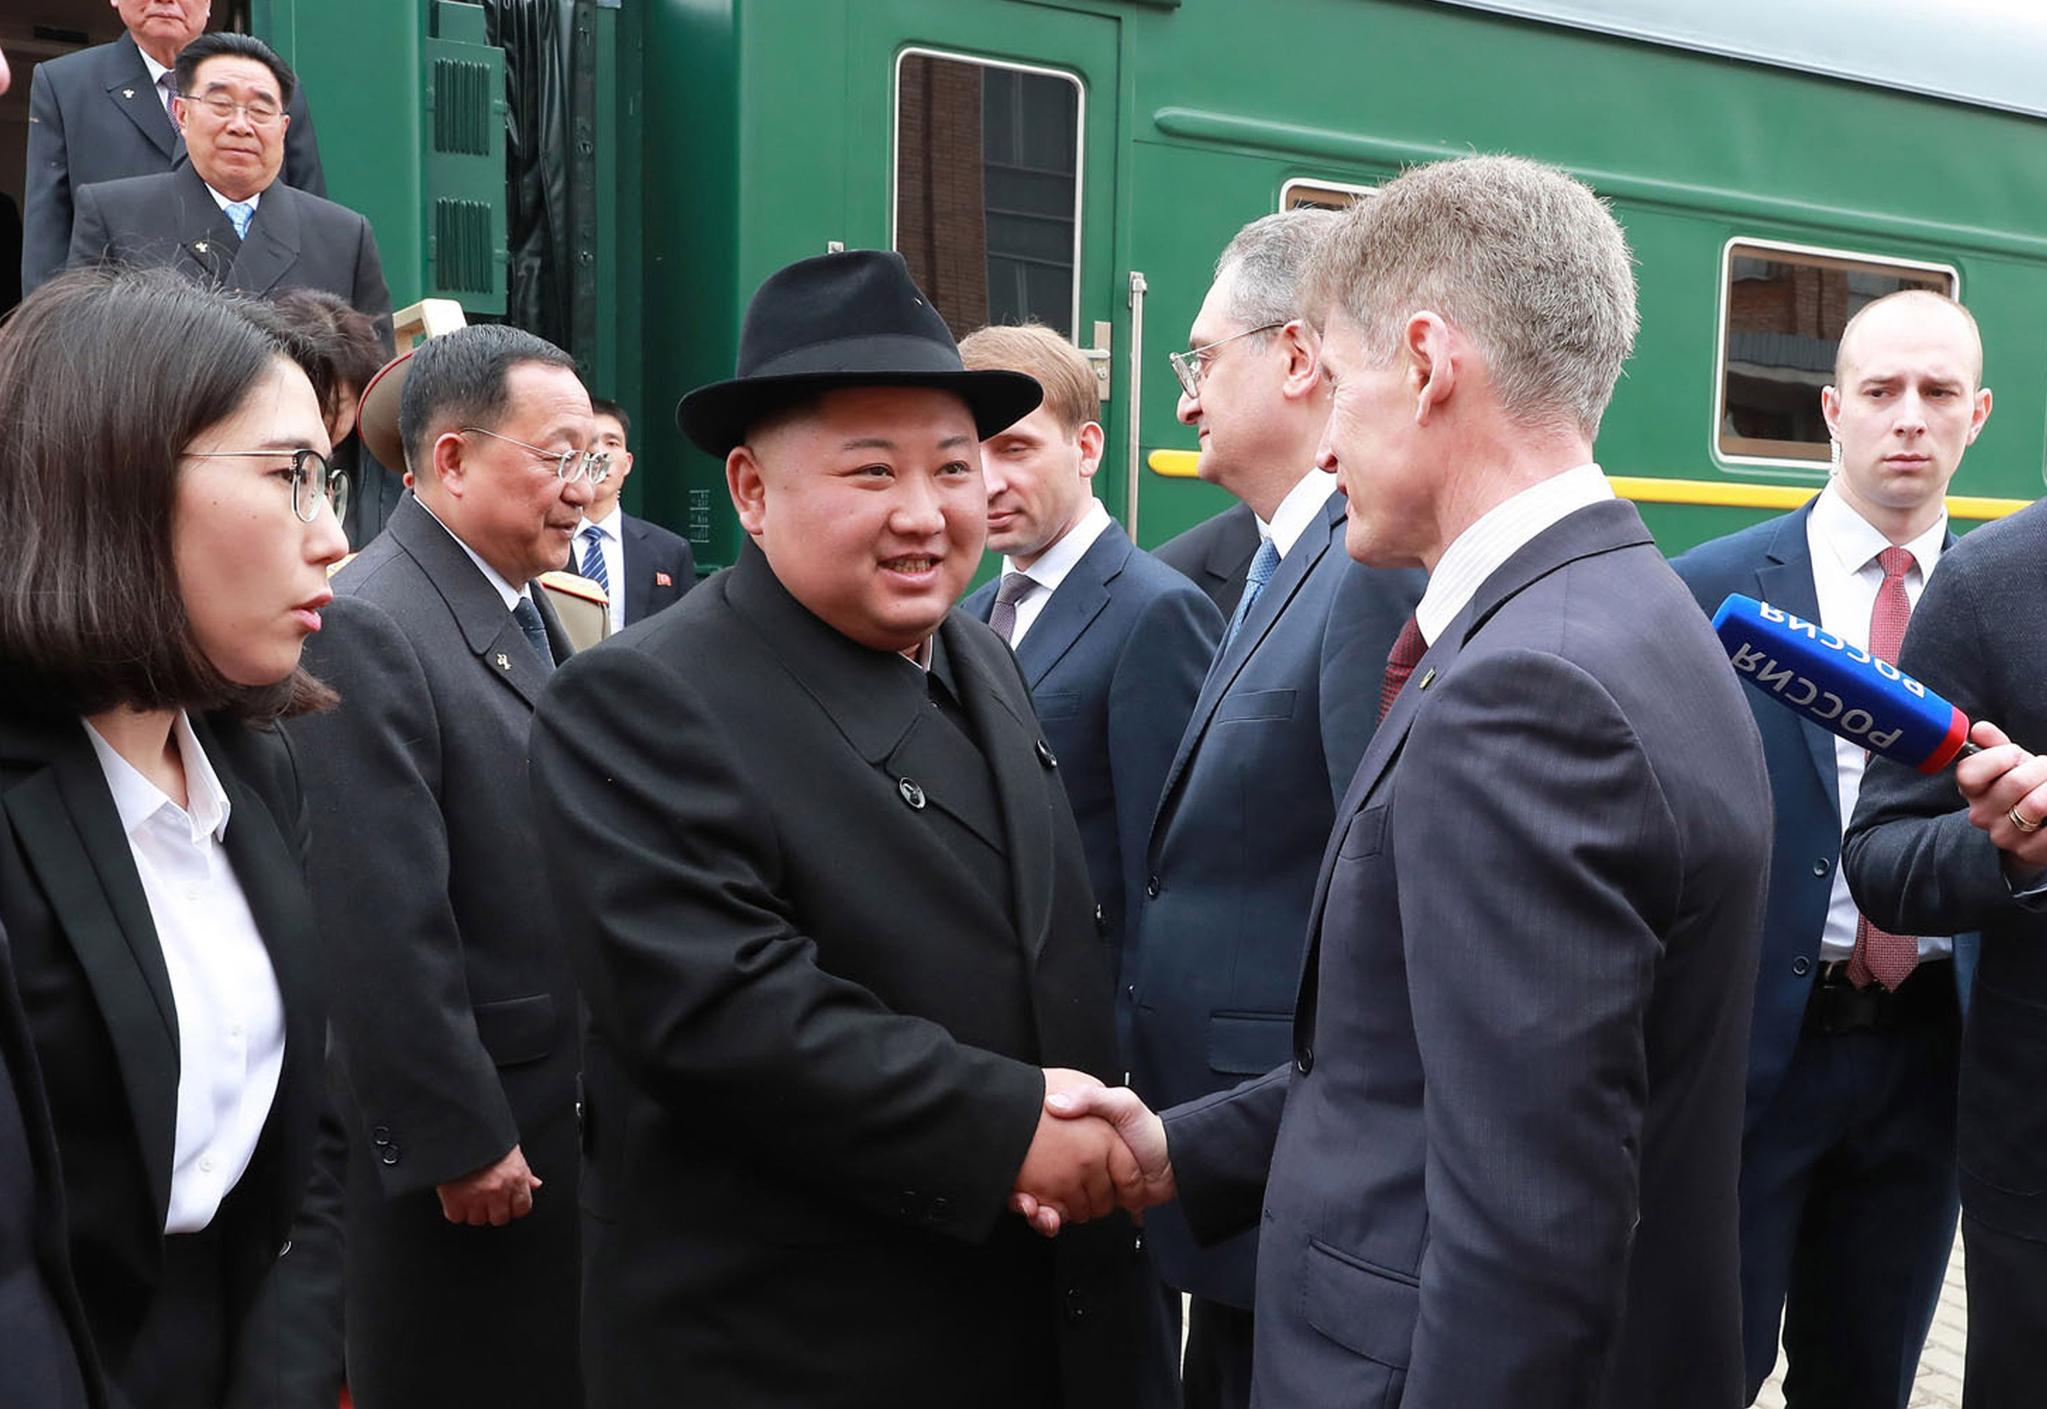 김정은 북한 국무위원장이 24일 러시아 블라디보스톡 역에 도착해 러시아 관계자의 영접을 받고 있다.[AP-연합뉴스]